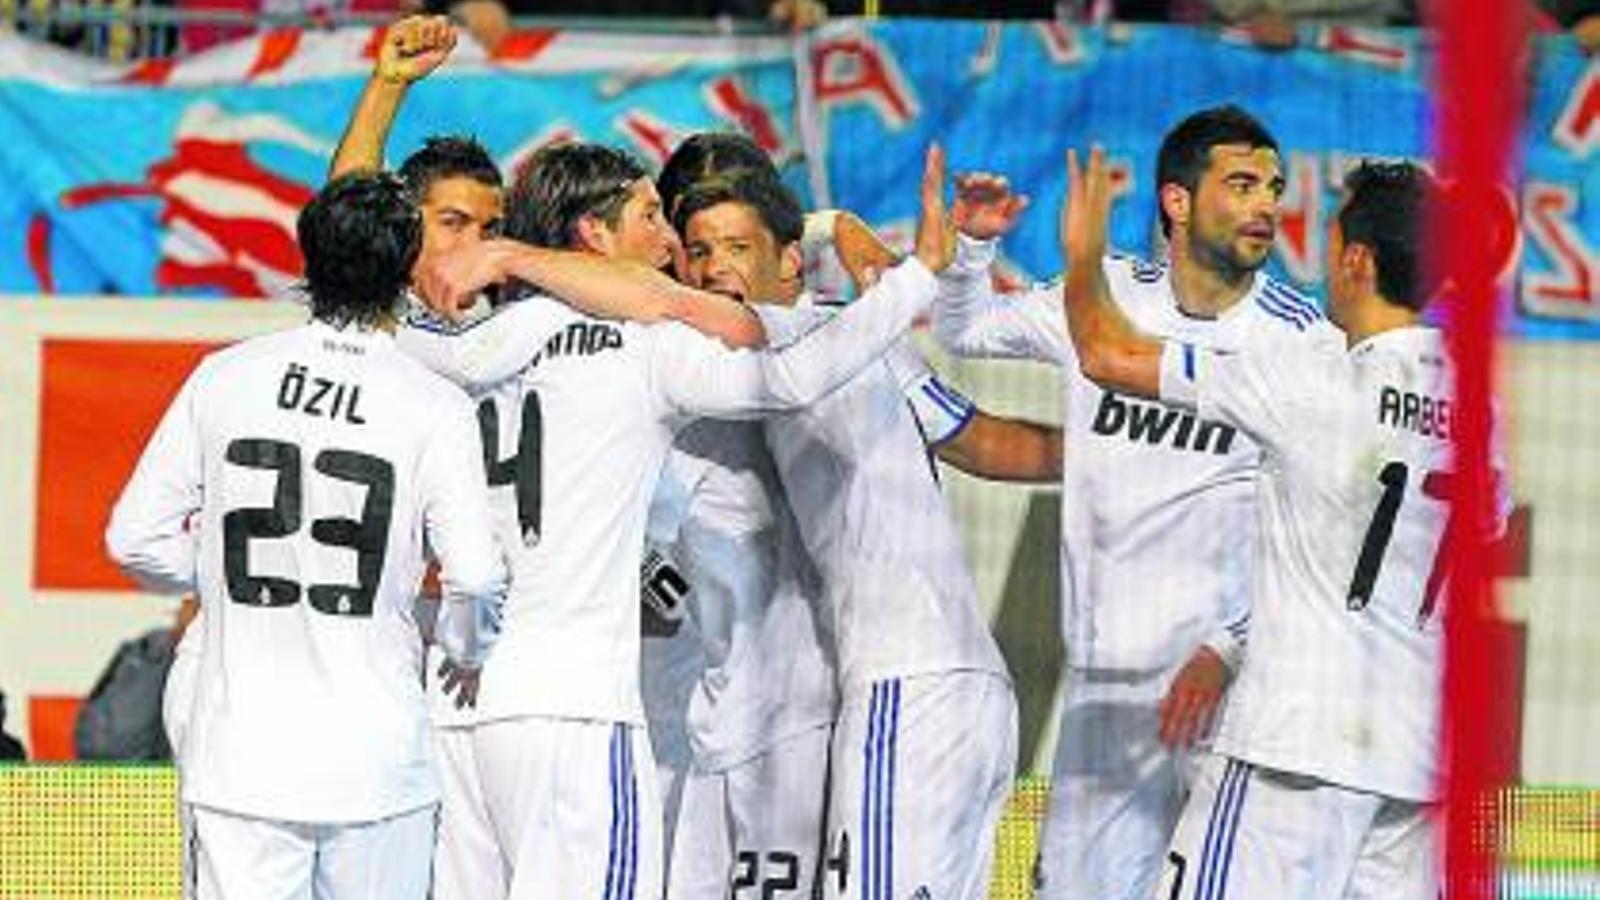 Els jugadors del Reial Madrid celebren fent una pinya el 0-1 de Cristiano Ronaldo. / BALLESTEROS / EFE